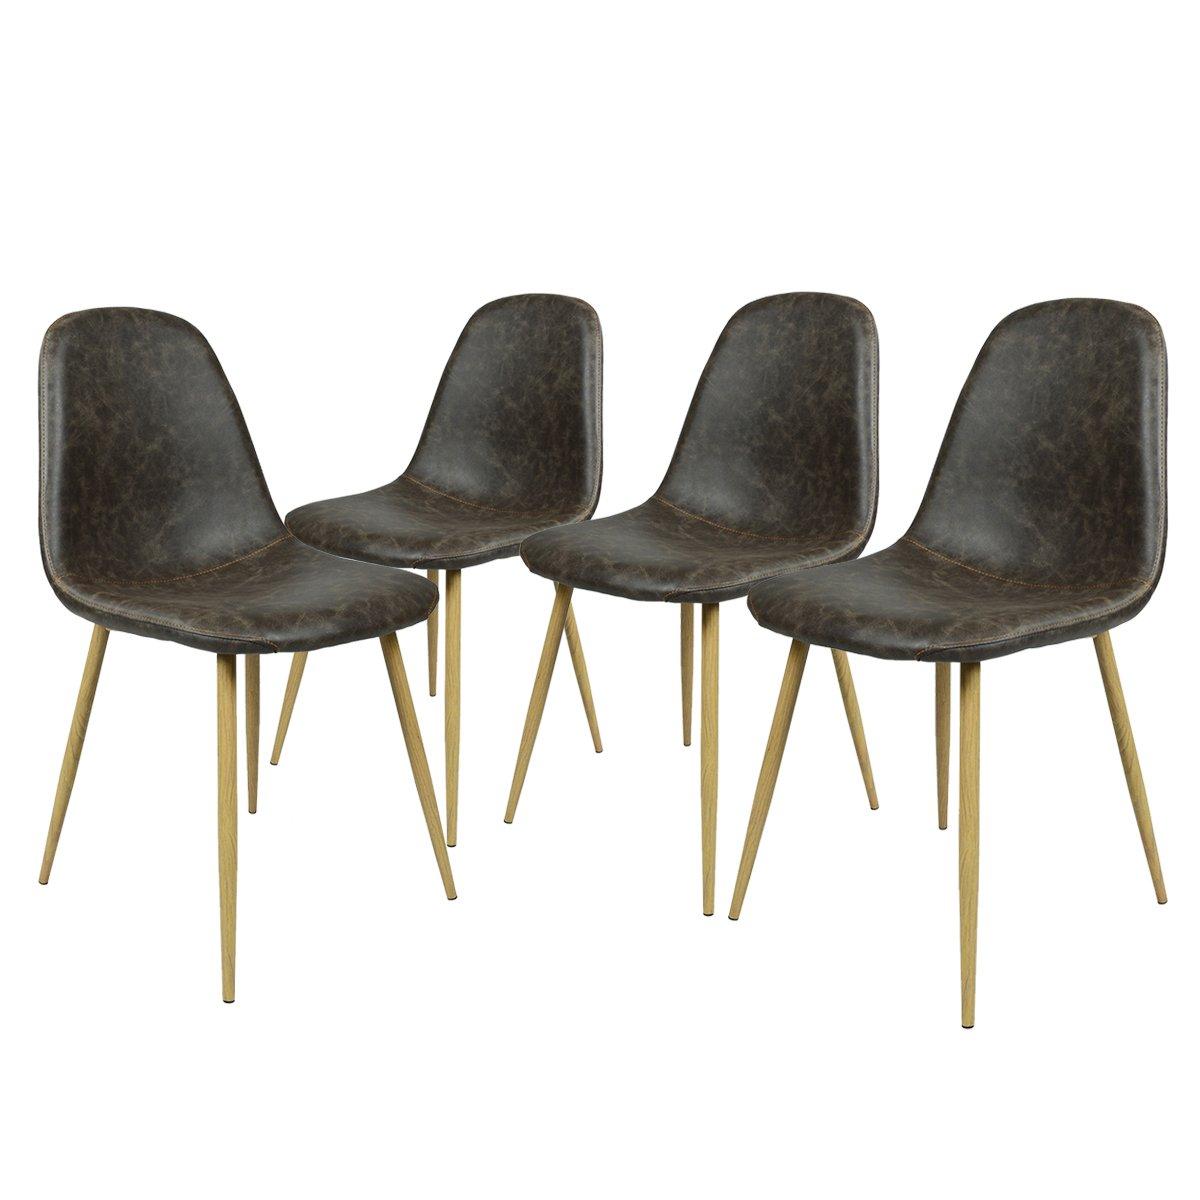 Innovareds - Set di 4sedie per sala da pranzo, stile vintage, gambe in metallo finto legno, colore marrone